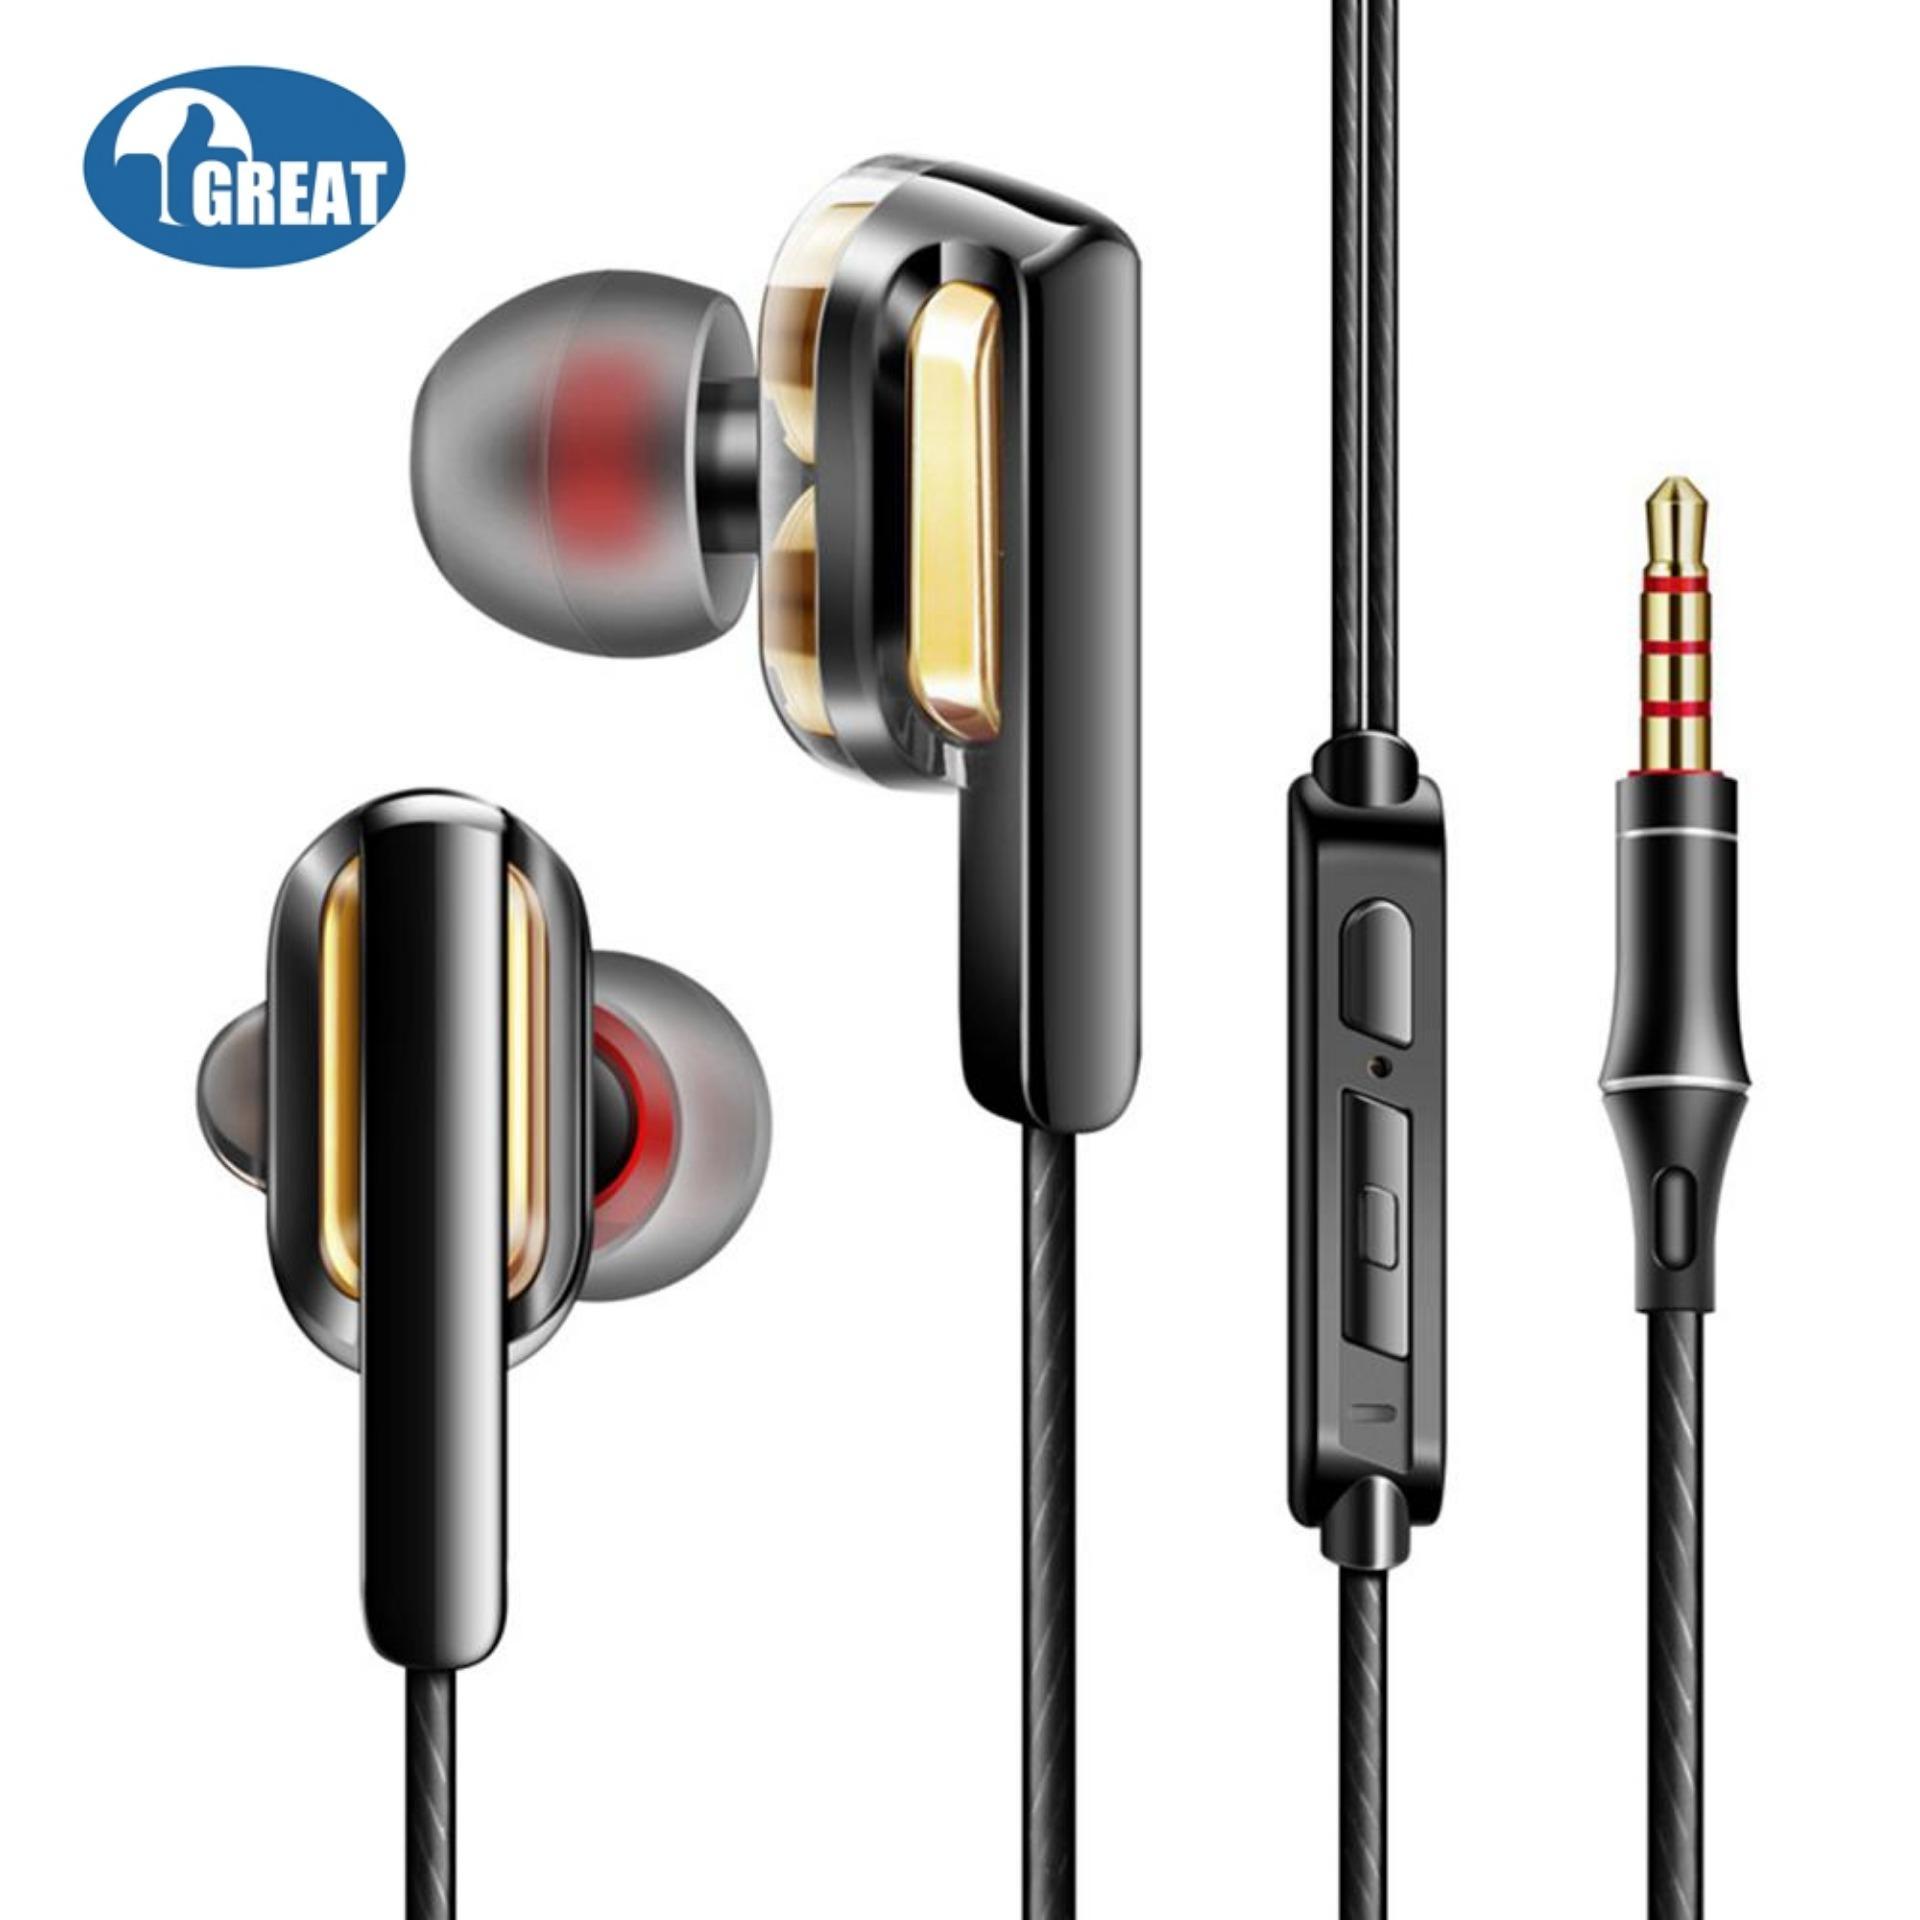 Goodgreat 3.5 Mm Musik Super Bass In Ear Headset Stereo Earphone Alat Pendengar dengan Mikrofon